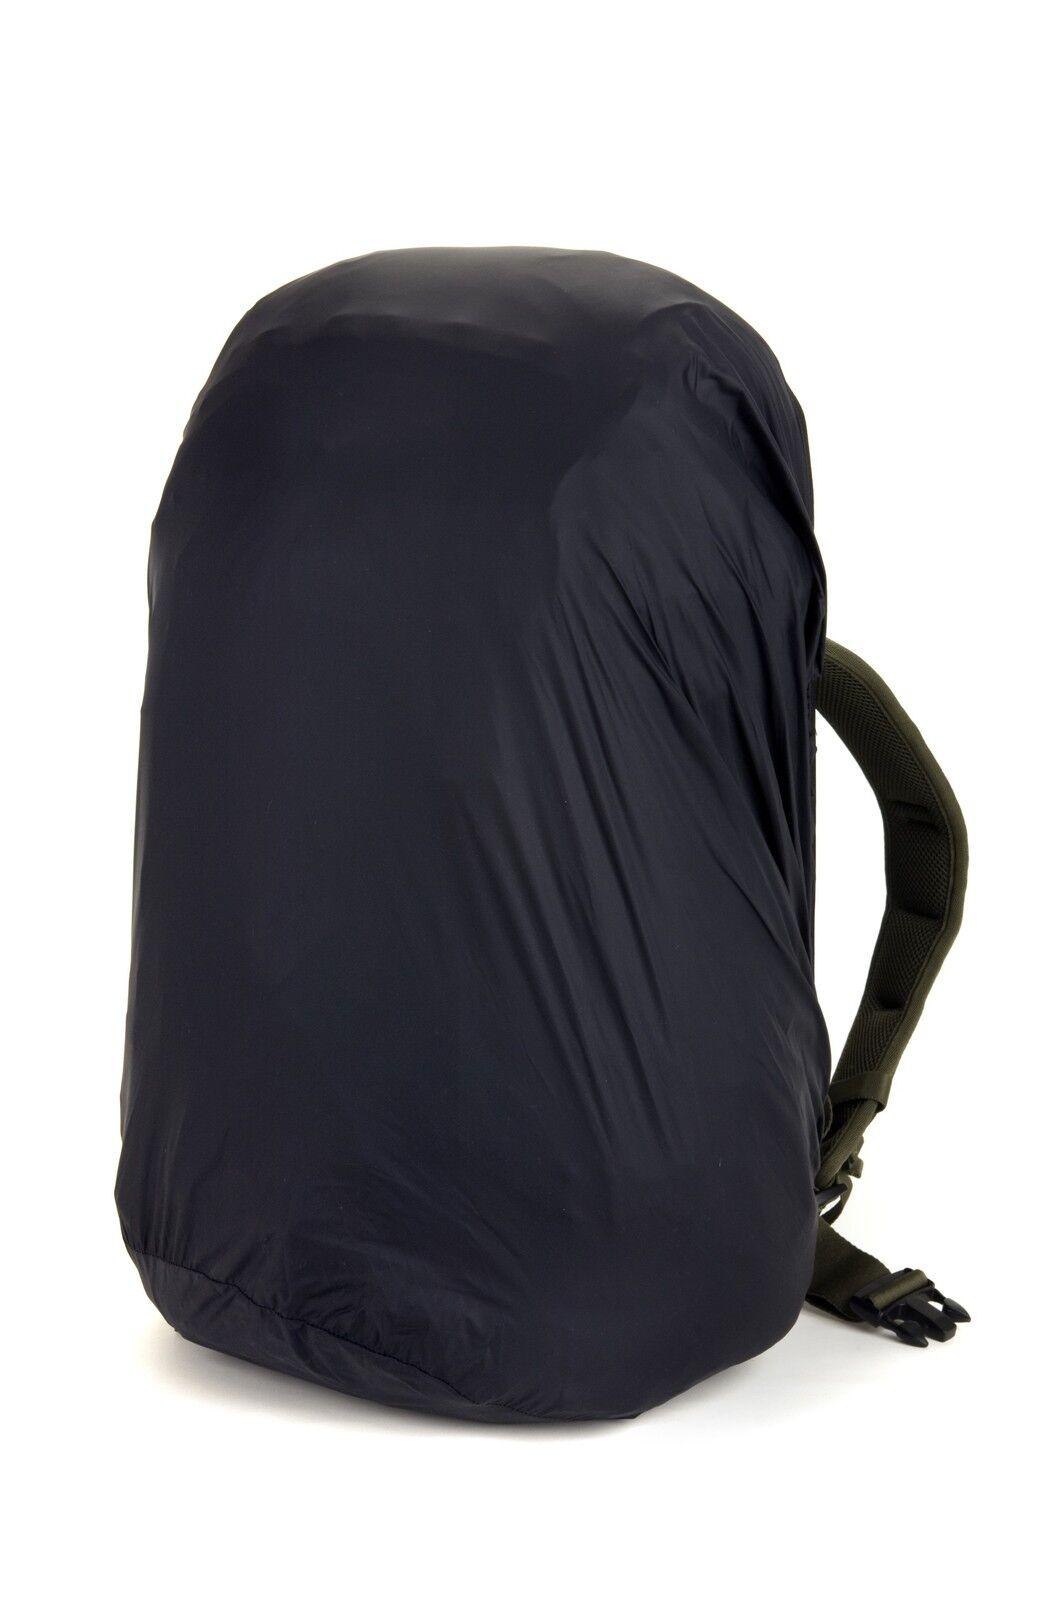 New Snugpak Aquacover Waterproof Sac à dos dos dos Bergen Rain Cover 6d0bef